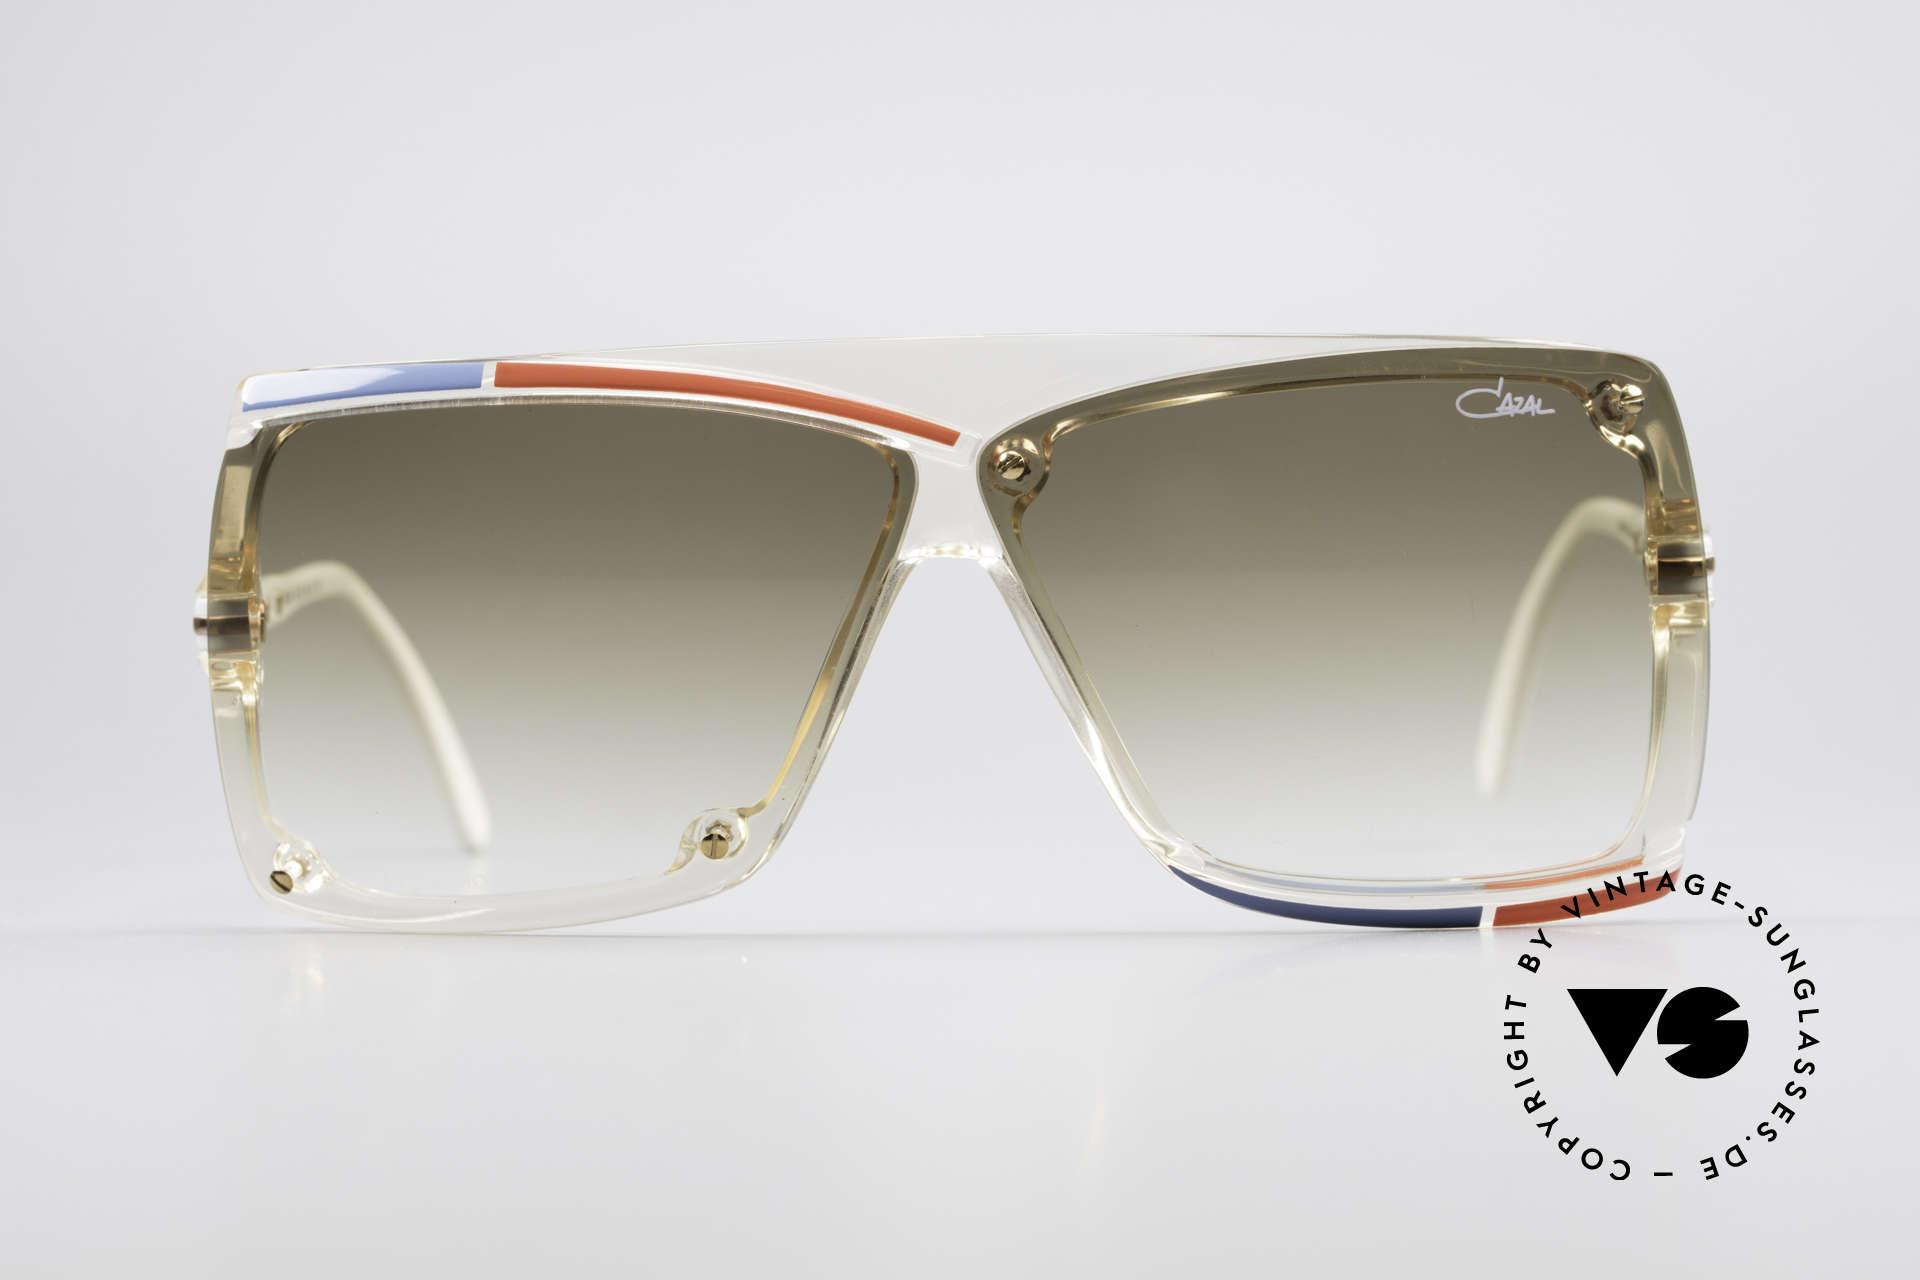 Cazal 859 West Germany Cazal Brille, Designersonnenbrille von ca. 1986 (W.GERMANY), Passend für Herren und Damen